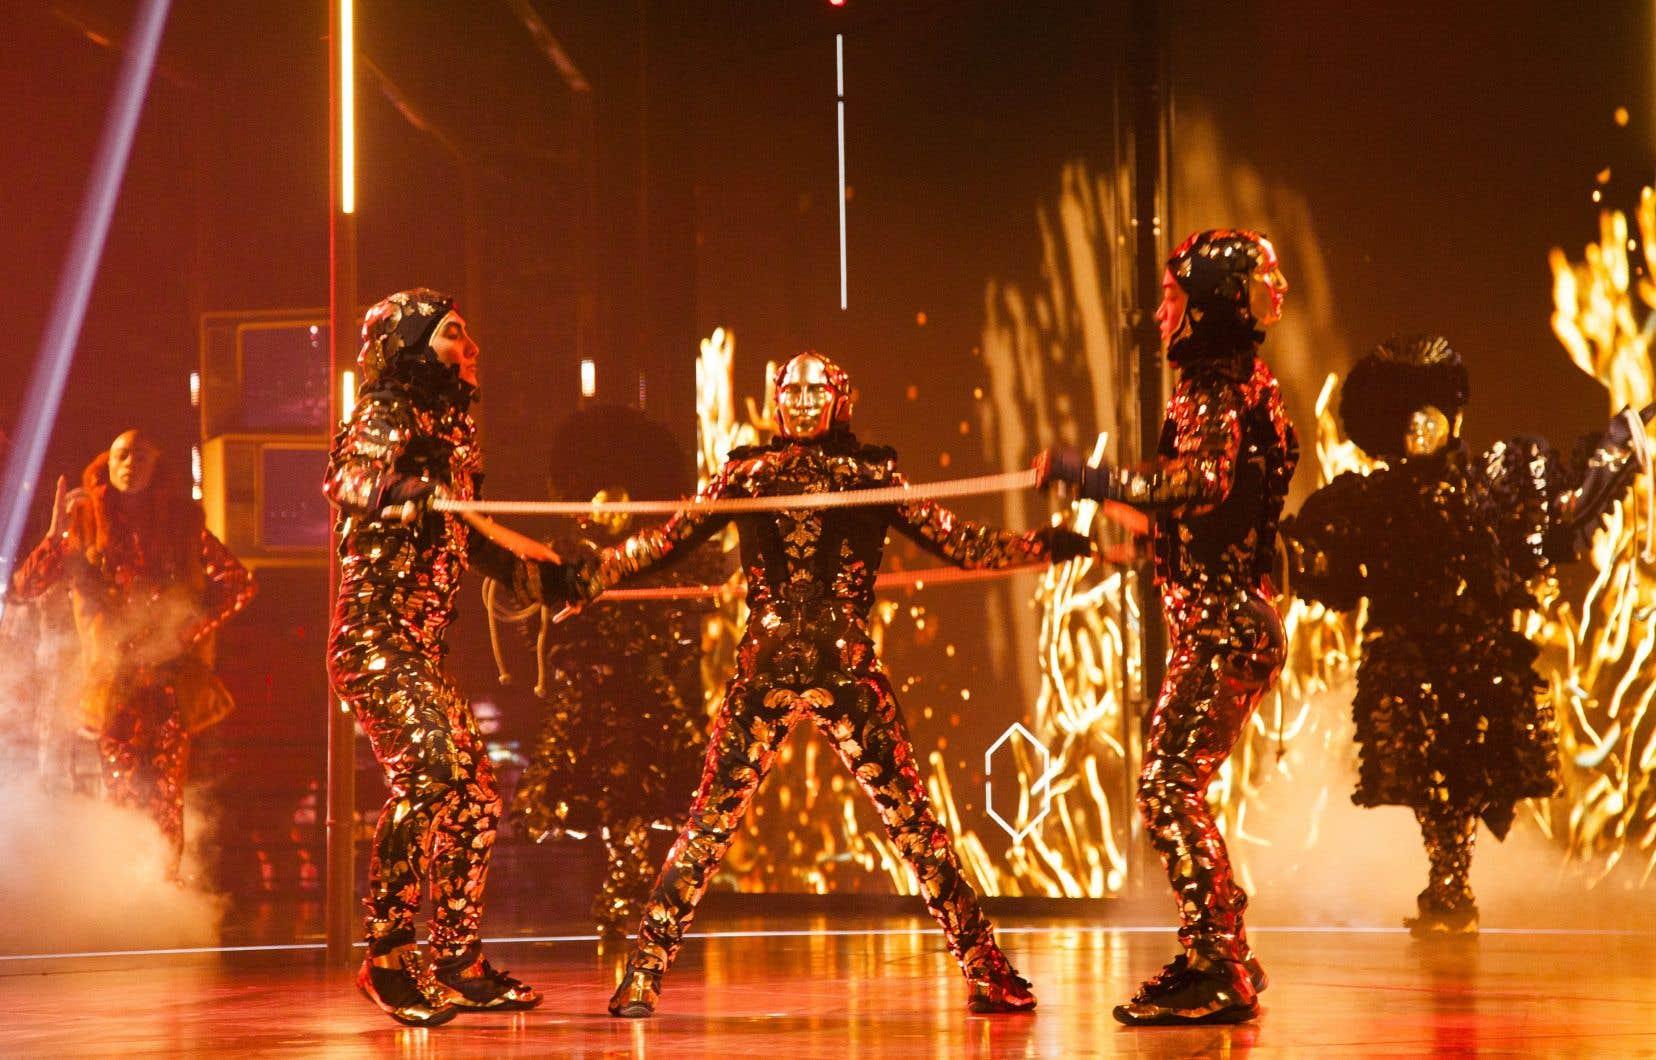 Un artiste du Cirque du Soleil meurt après une chute sur scène